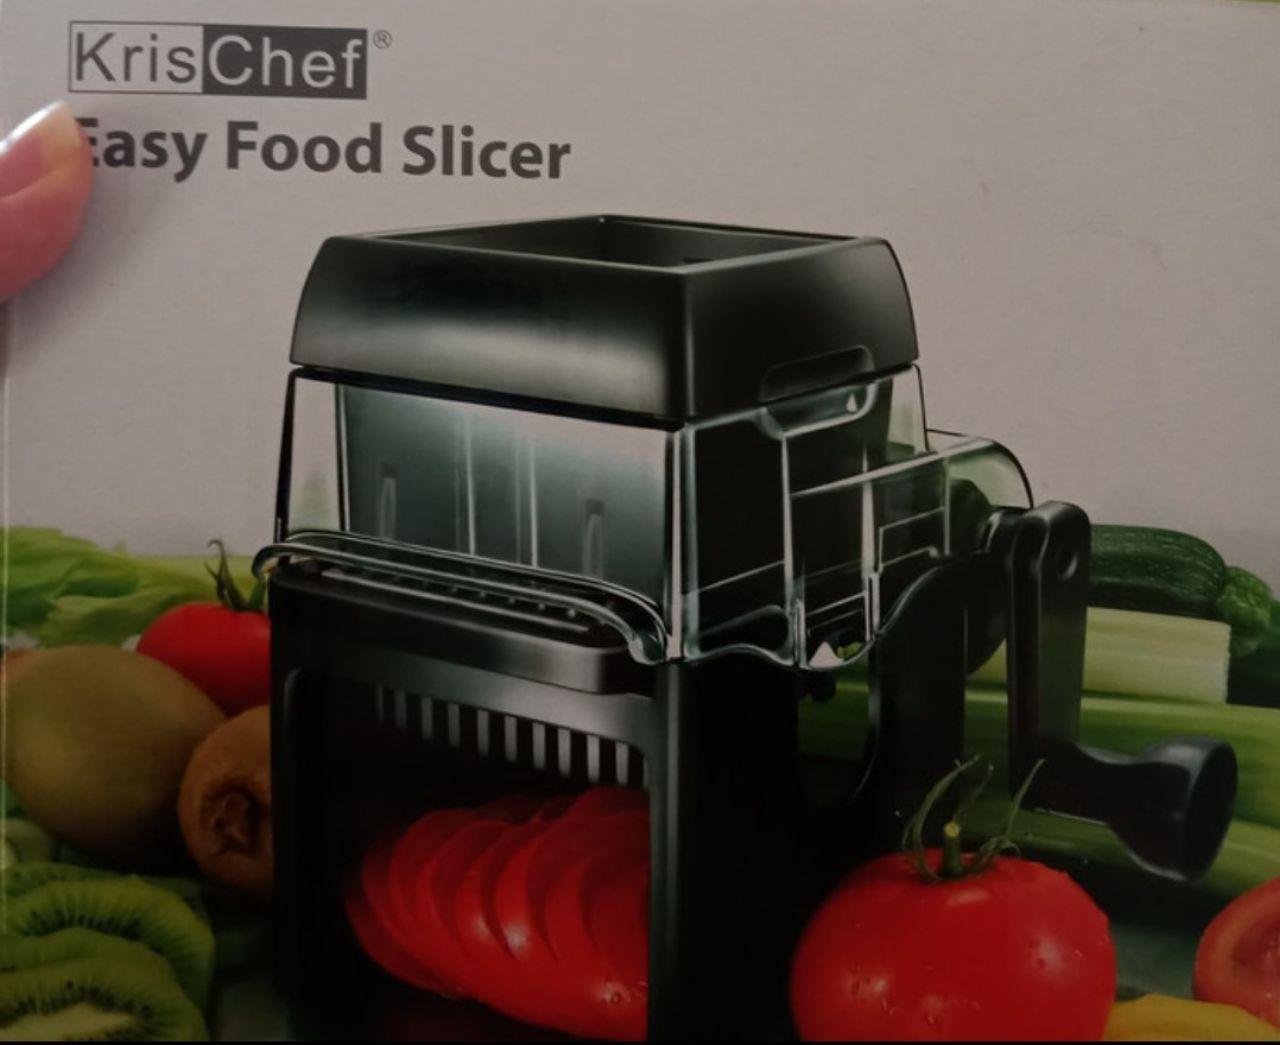 Krischef easy food slicer